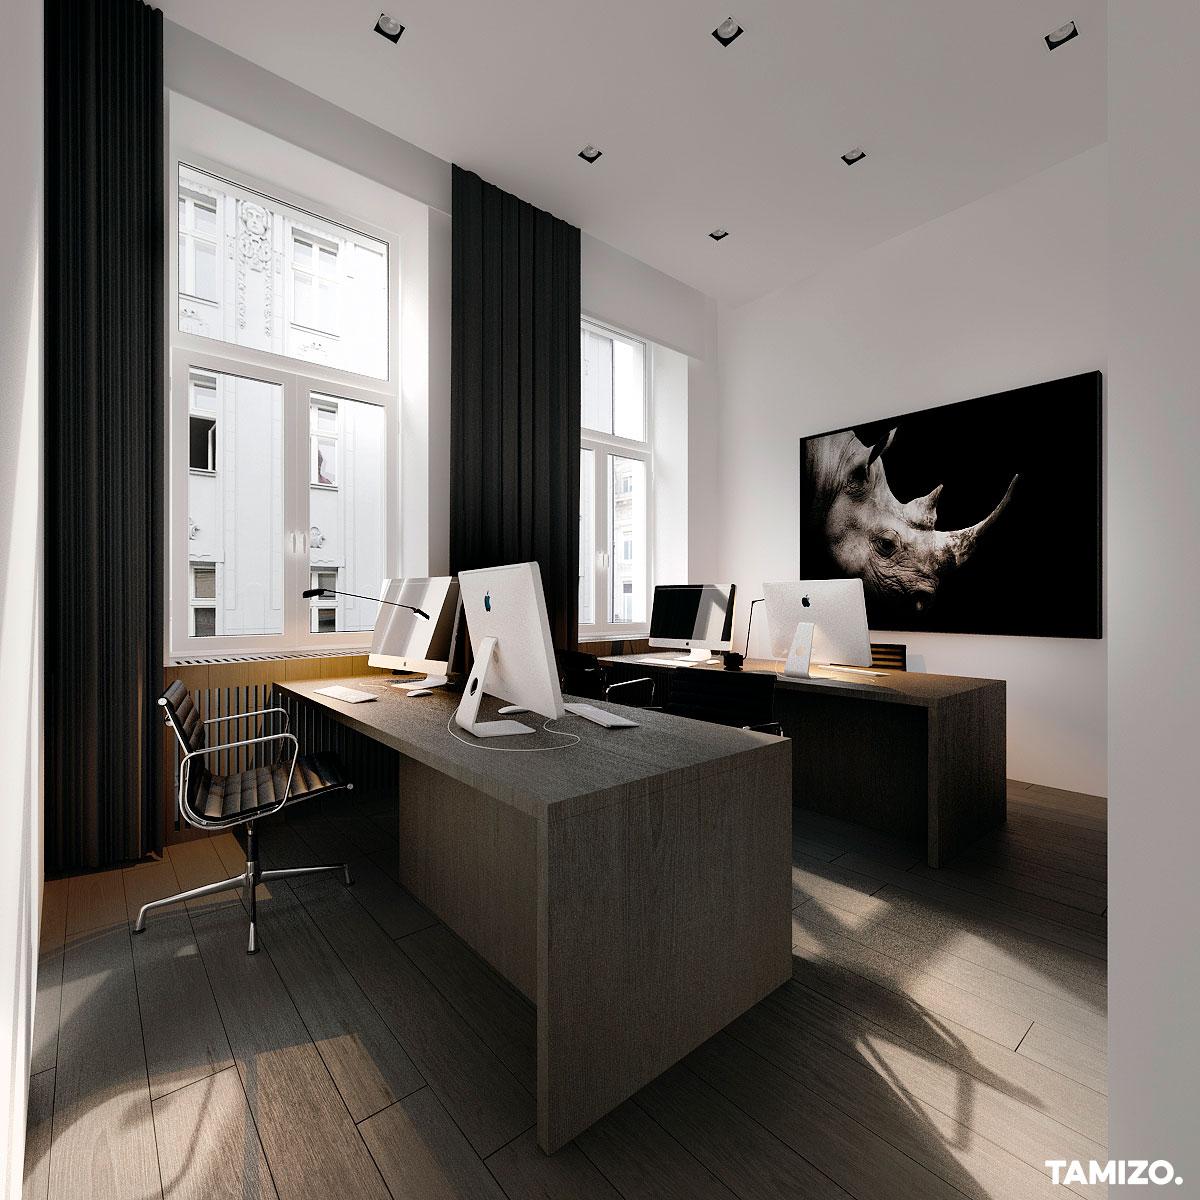 I060_tamizo_architekci_projekt_wnetrz_stara_kamienica_kancelaria_adwokacka_minimalizm_lodz_07